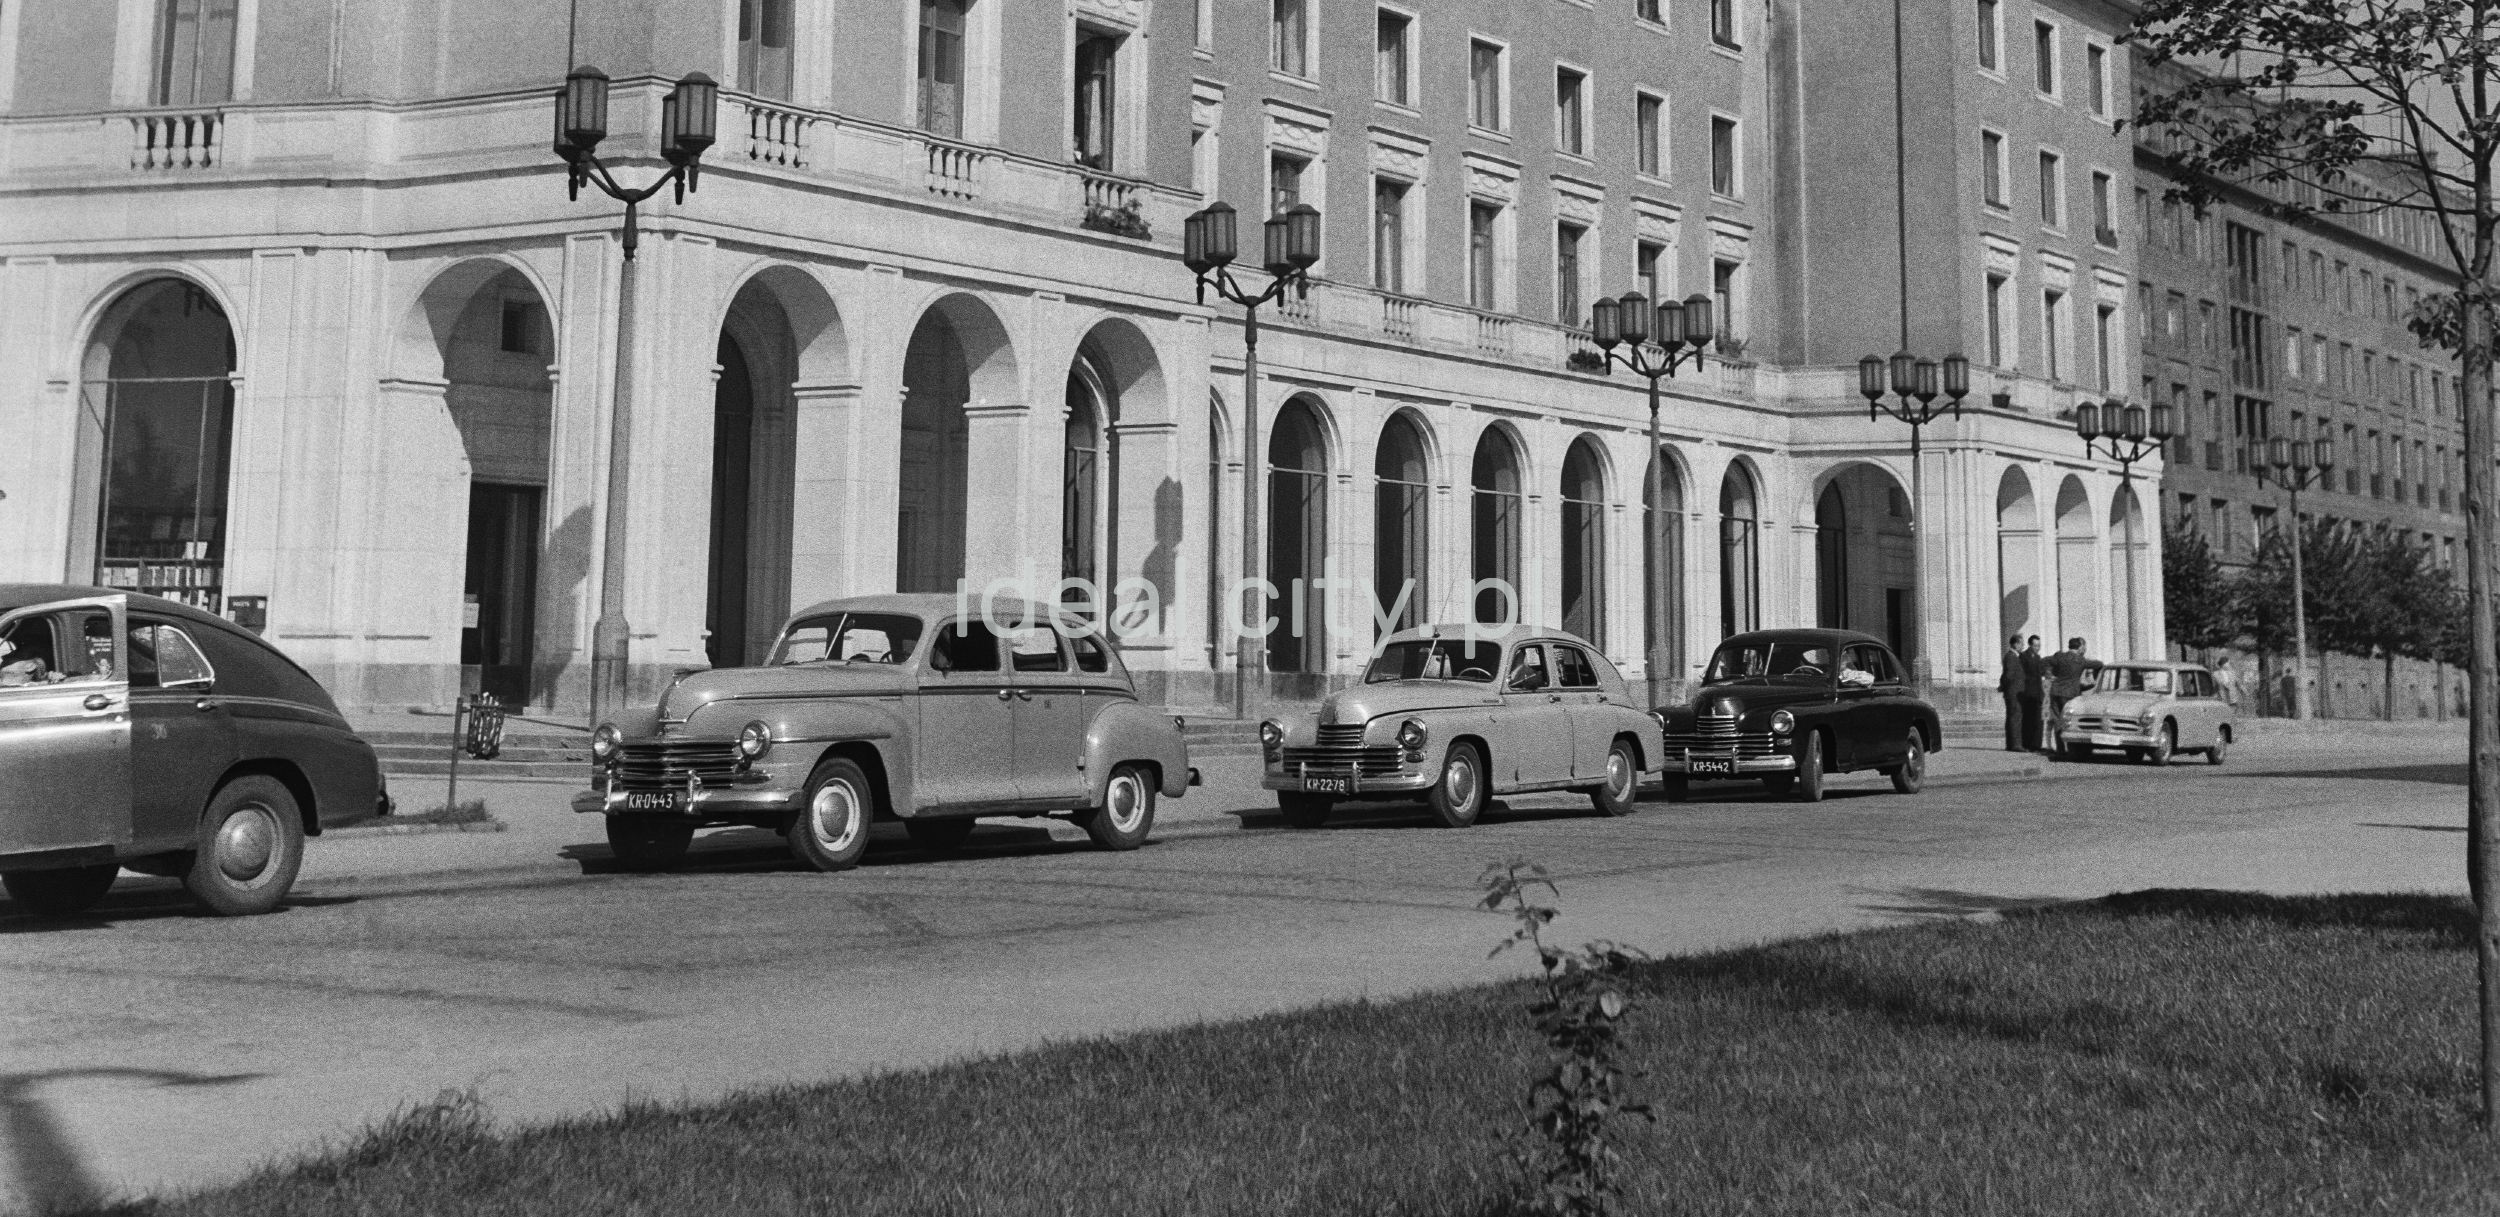 Postój taksówek przed reprezentacyjnymi arkadami socrealistycznego budynku.